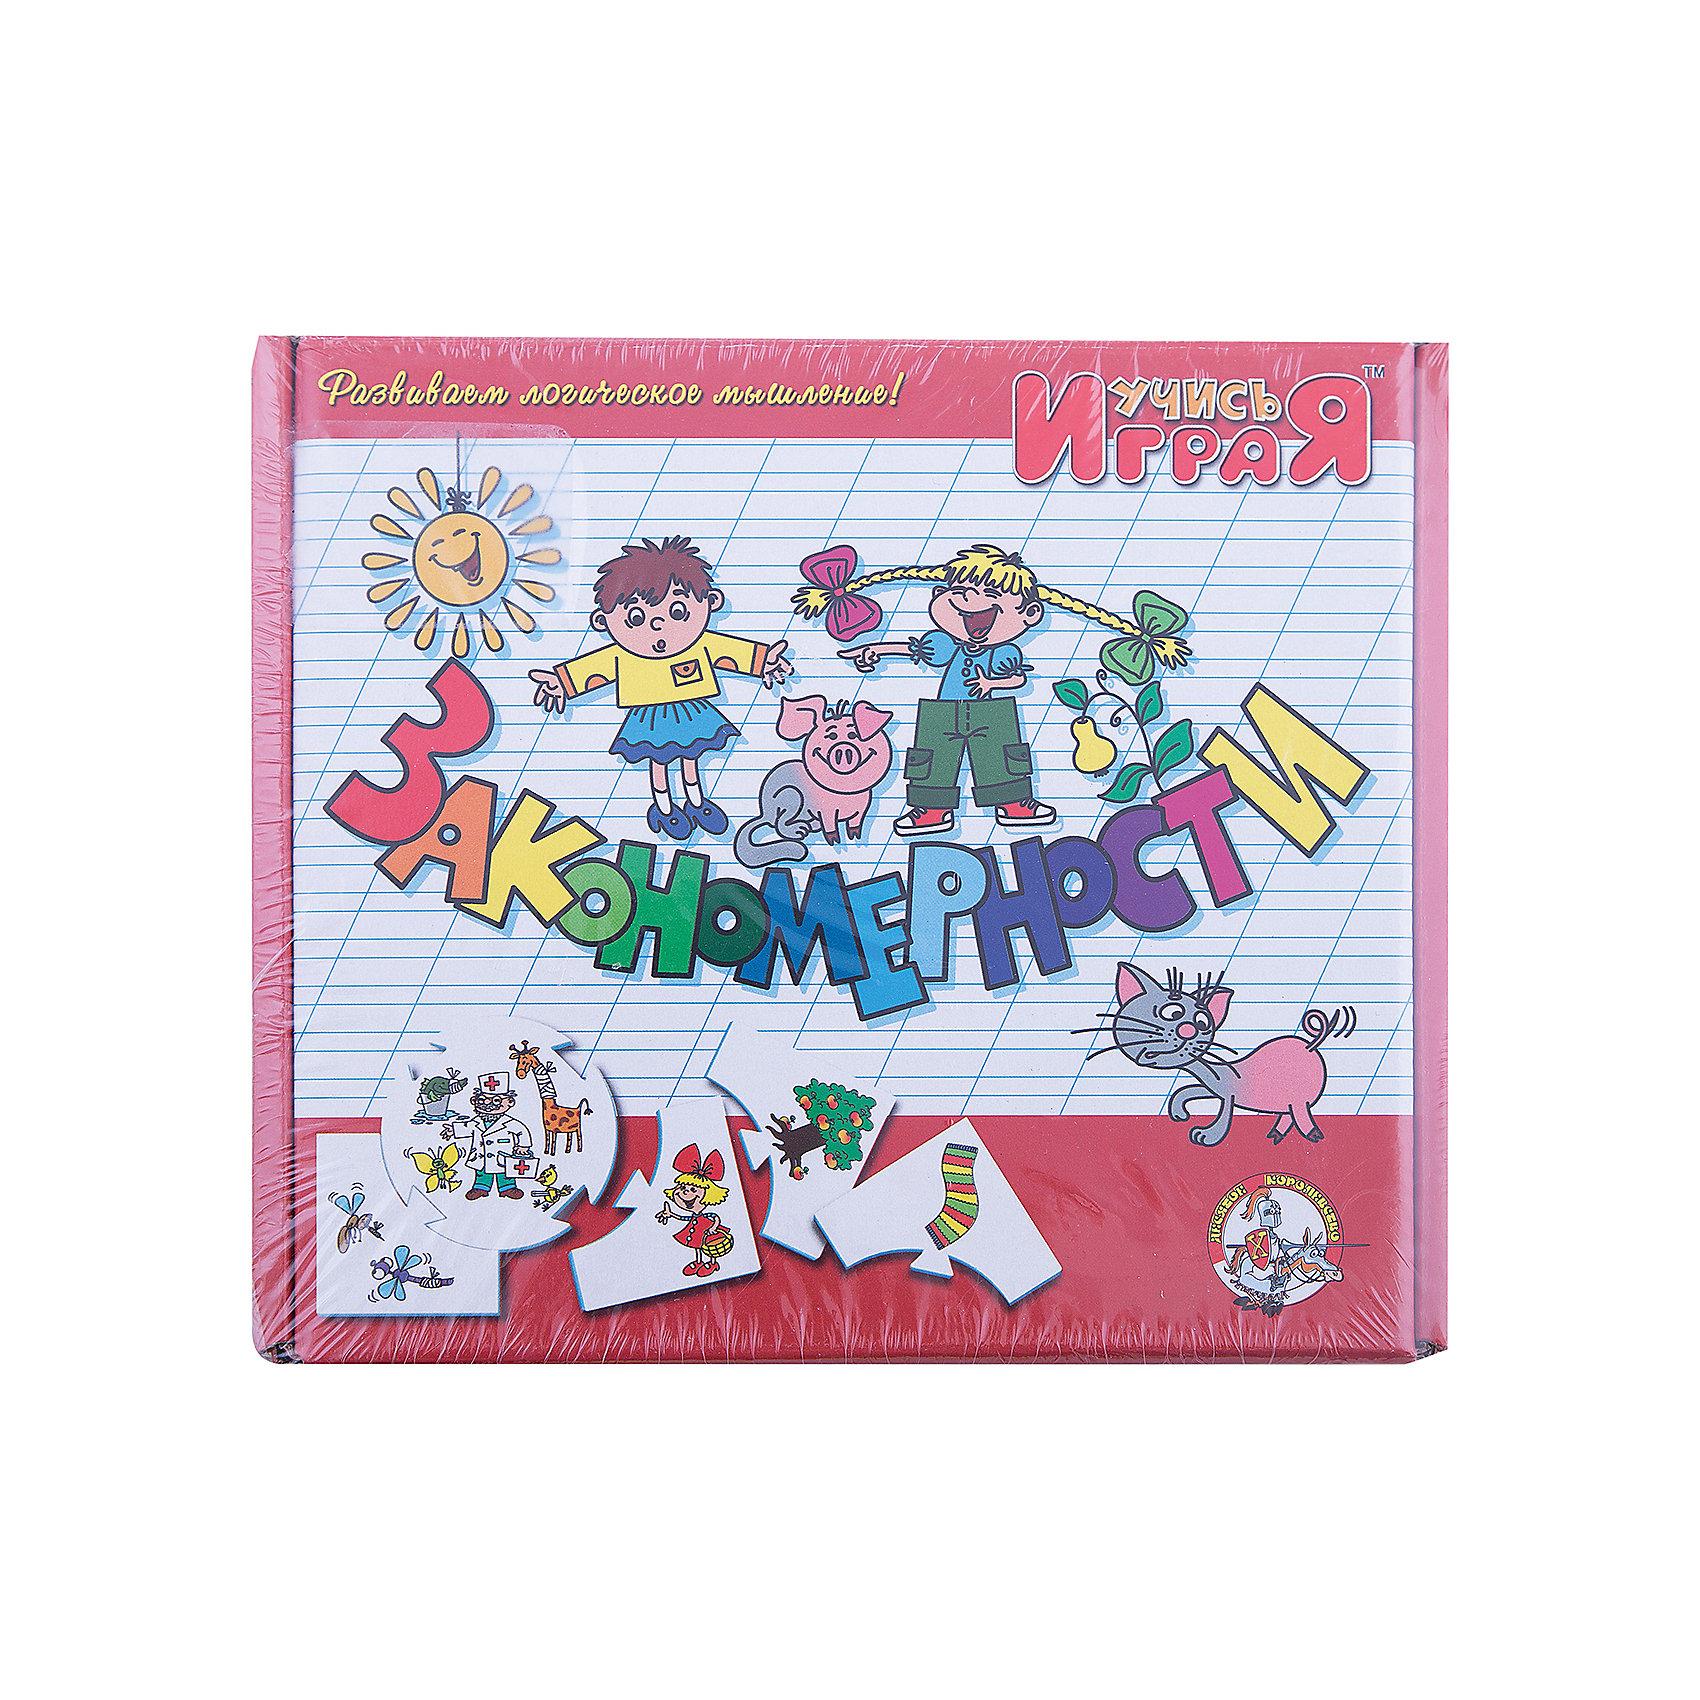 Игра обучающая  Закономерности, Десятое королевствоОбучающие карточки<br>Игра обучающая Закономерности, Десятое королевство<br><br>Характеристики:<br><br>• Возраст: от 3 лет<br>• Количество игроков: от 1 до 10<br>• В комплекте: 10 карточек заданий, 4 карточки с ответами<br><br>В этой увлекательной обучающей игре могут участвовать одновременно от 1 до 10 детей! В наборе содержатся 10 карточек-заданий, на которых изображены рисунки по теме «закономерности». К каждой необходимо найти 4 карточки-ответа, чтобы дополнить их содержание. В процессе игры дети исследуют закономерности и логические цепочки, работают над мелкой моторикой и расширяют свои знания и представления об окружающем мире.<br><br>Игра обучающая Закономерности, Десятое королевство можно купить в нашем интернет-магазине.<br><br>Ширина мм: 230<br>Глубина мм: 200<br>Высота мм: 35<br>Вес г: 240<br>Возраст от месяцев: 84<br>Возраст до месяцев: 2147483647<br>Пол: Унисекс<br>Возраст: Детский<br>SKU: 5471680